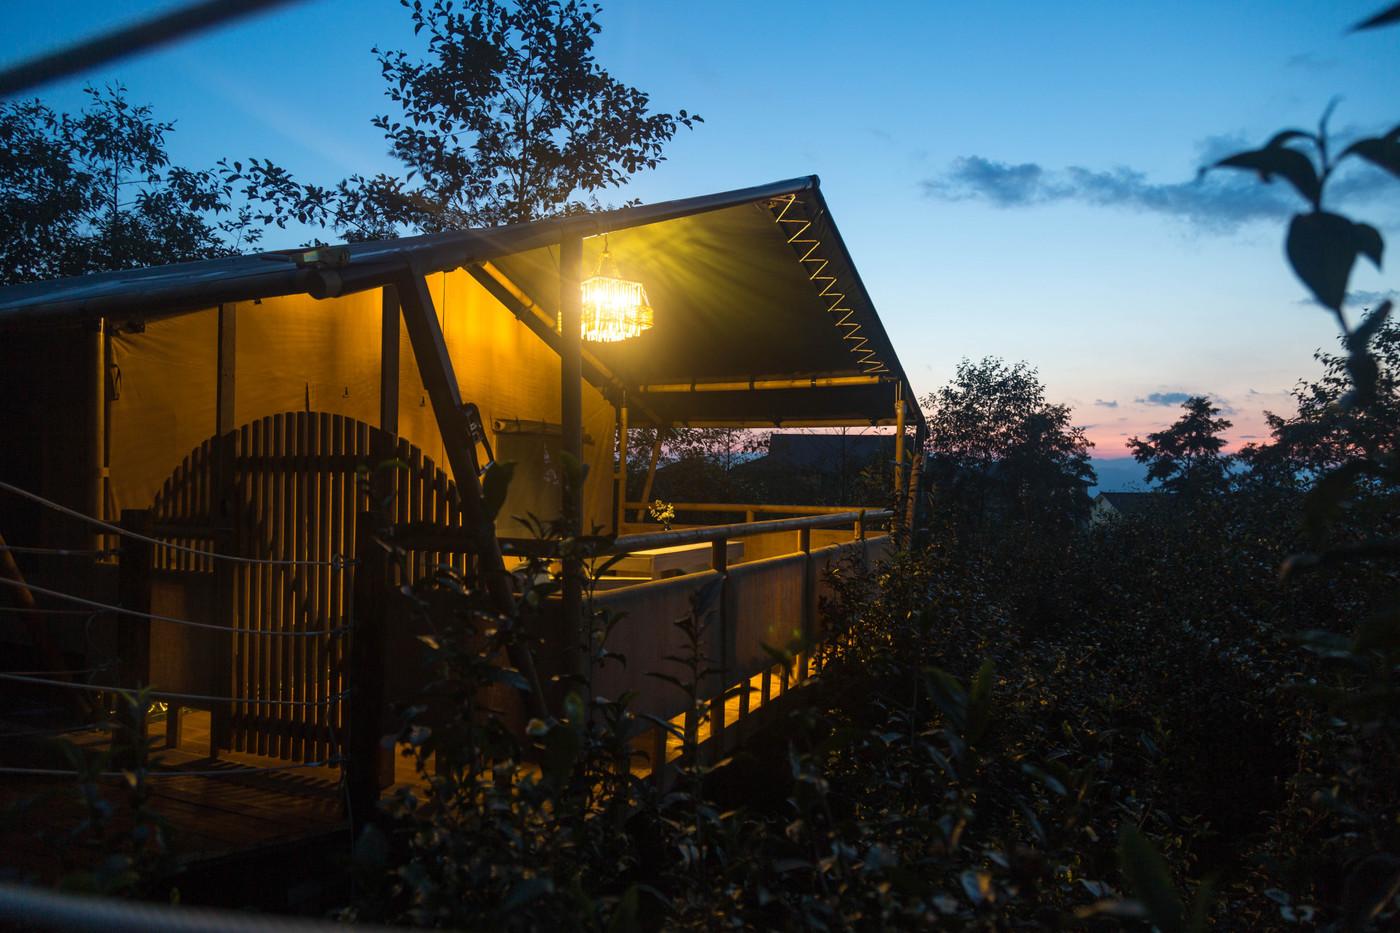 喜马拉雅野奢帐篷酒店—云南腾冲高黎贡山茶博园31